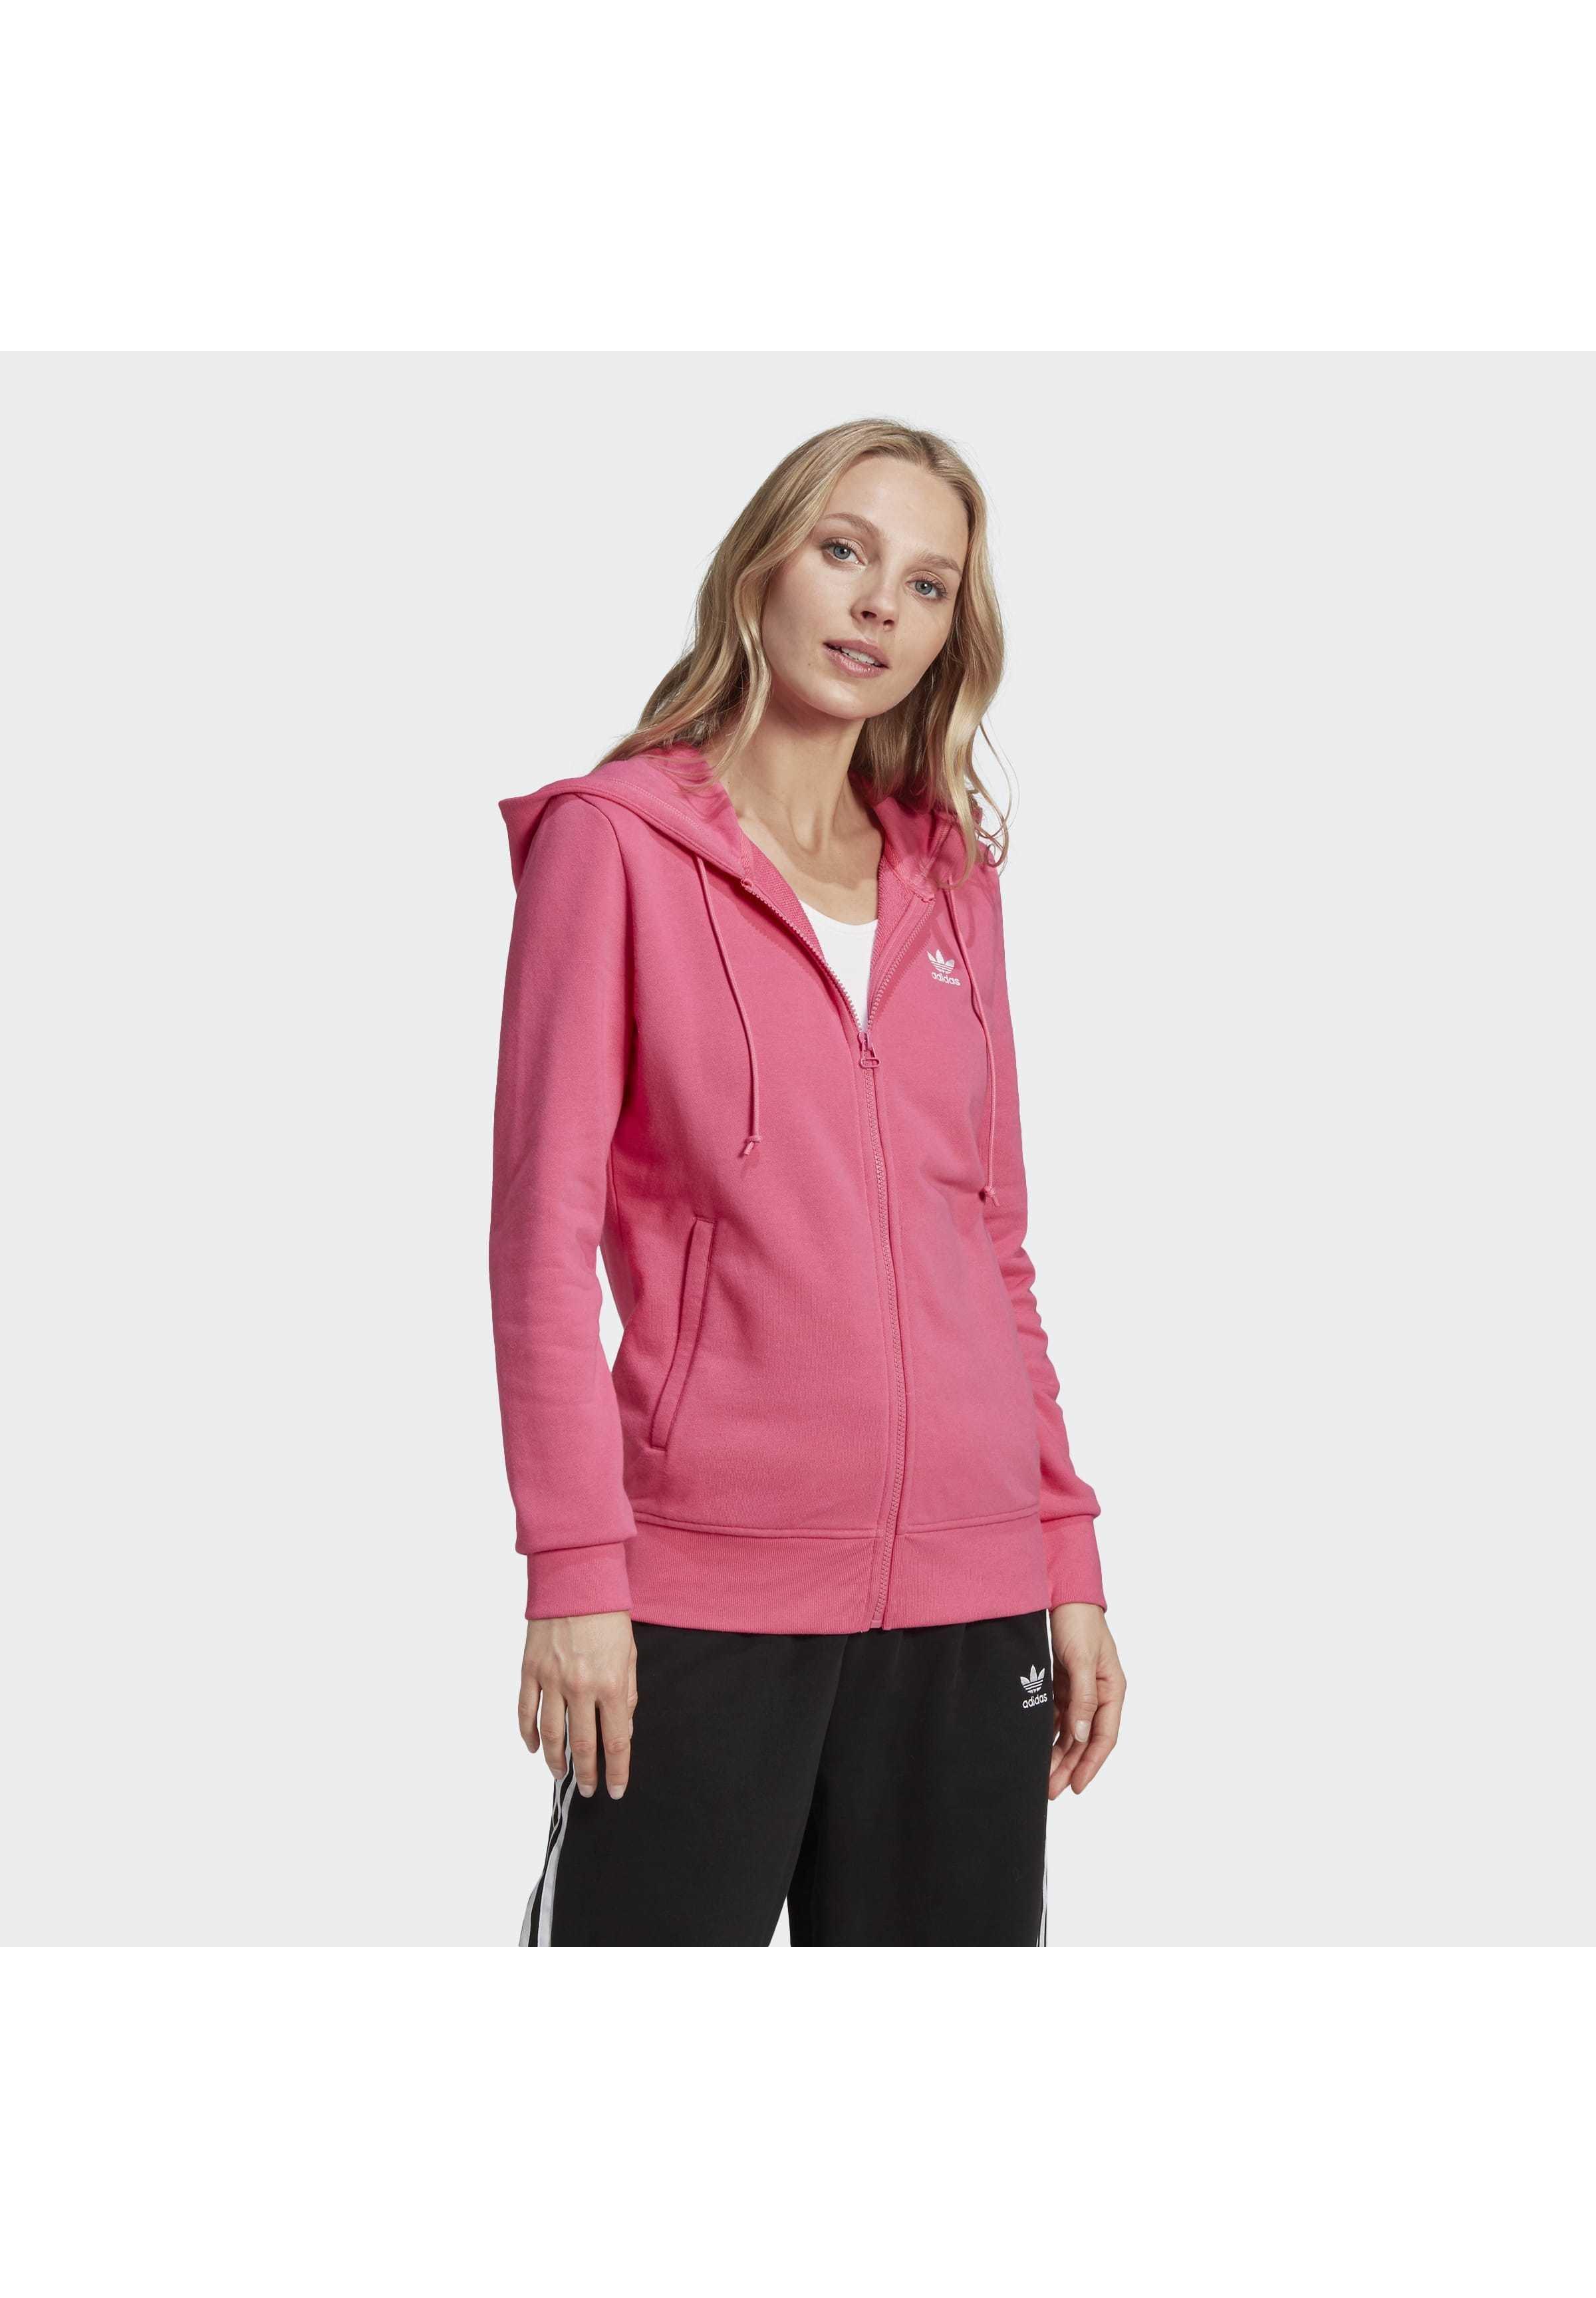 adidas Originals TREFOIL SPORTS INSPIRED SLIM TRACK TOP - Hoodie met rits - pink - Dames jas Actueel